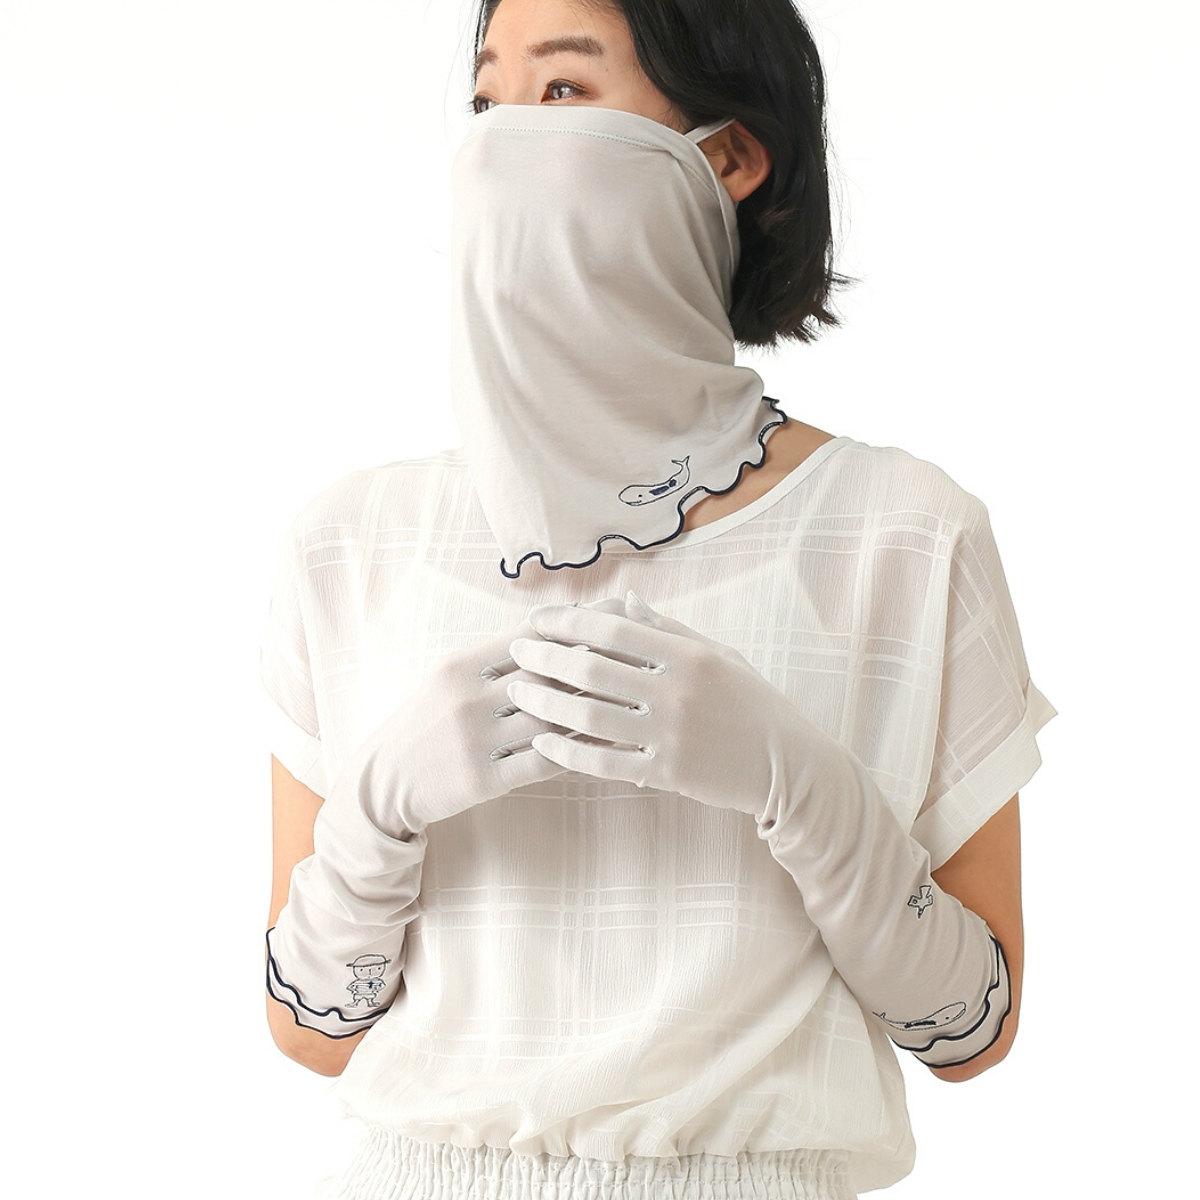 ピッコーネ レディース UV フェイスカバー フェイスガード 紫外線対策 ひんやり 接触冷感 ネックガード ネックカバー ランニング アウトドア ラッシュガード